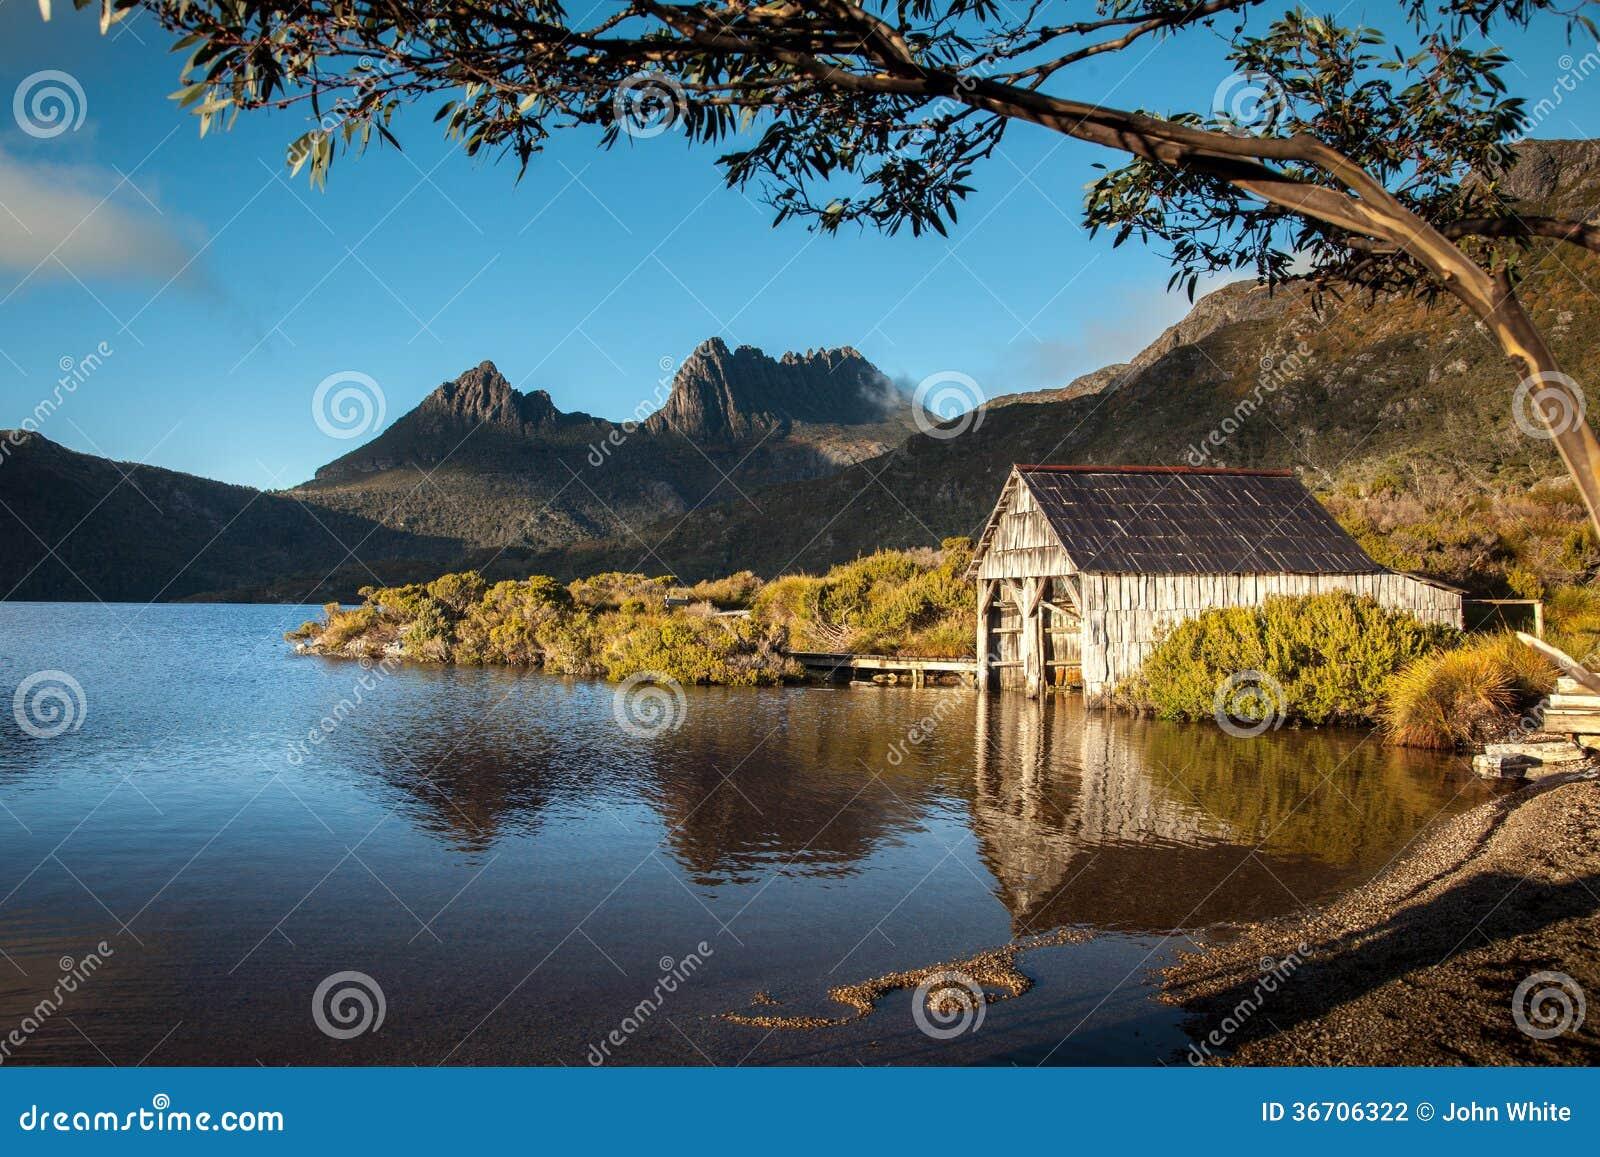 Lac dove. Montagne de berceau. La Tasmanie. Australie.